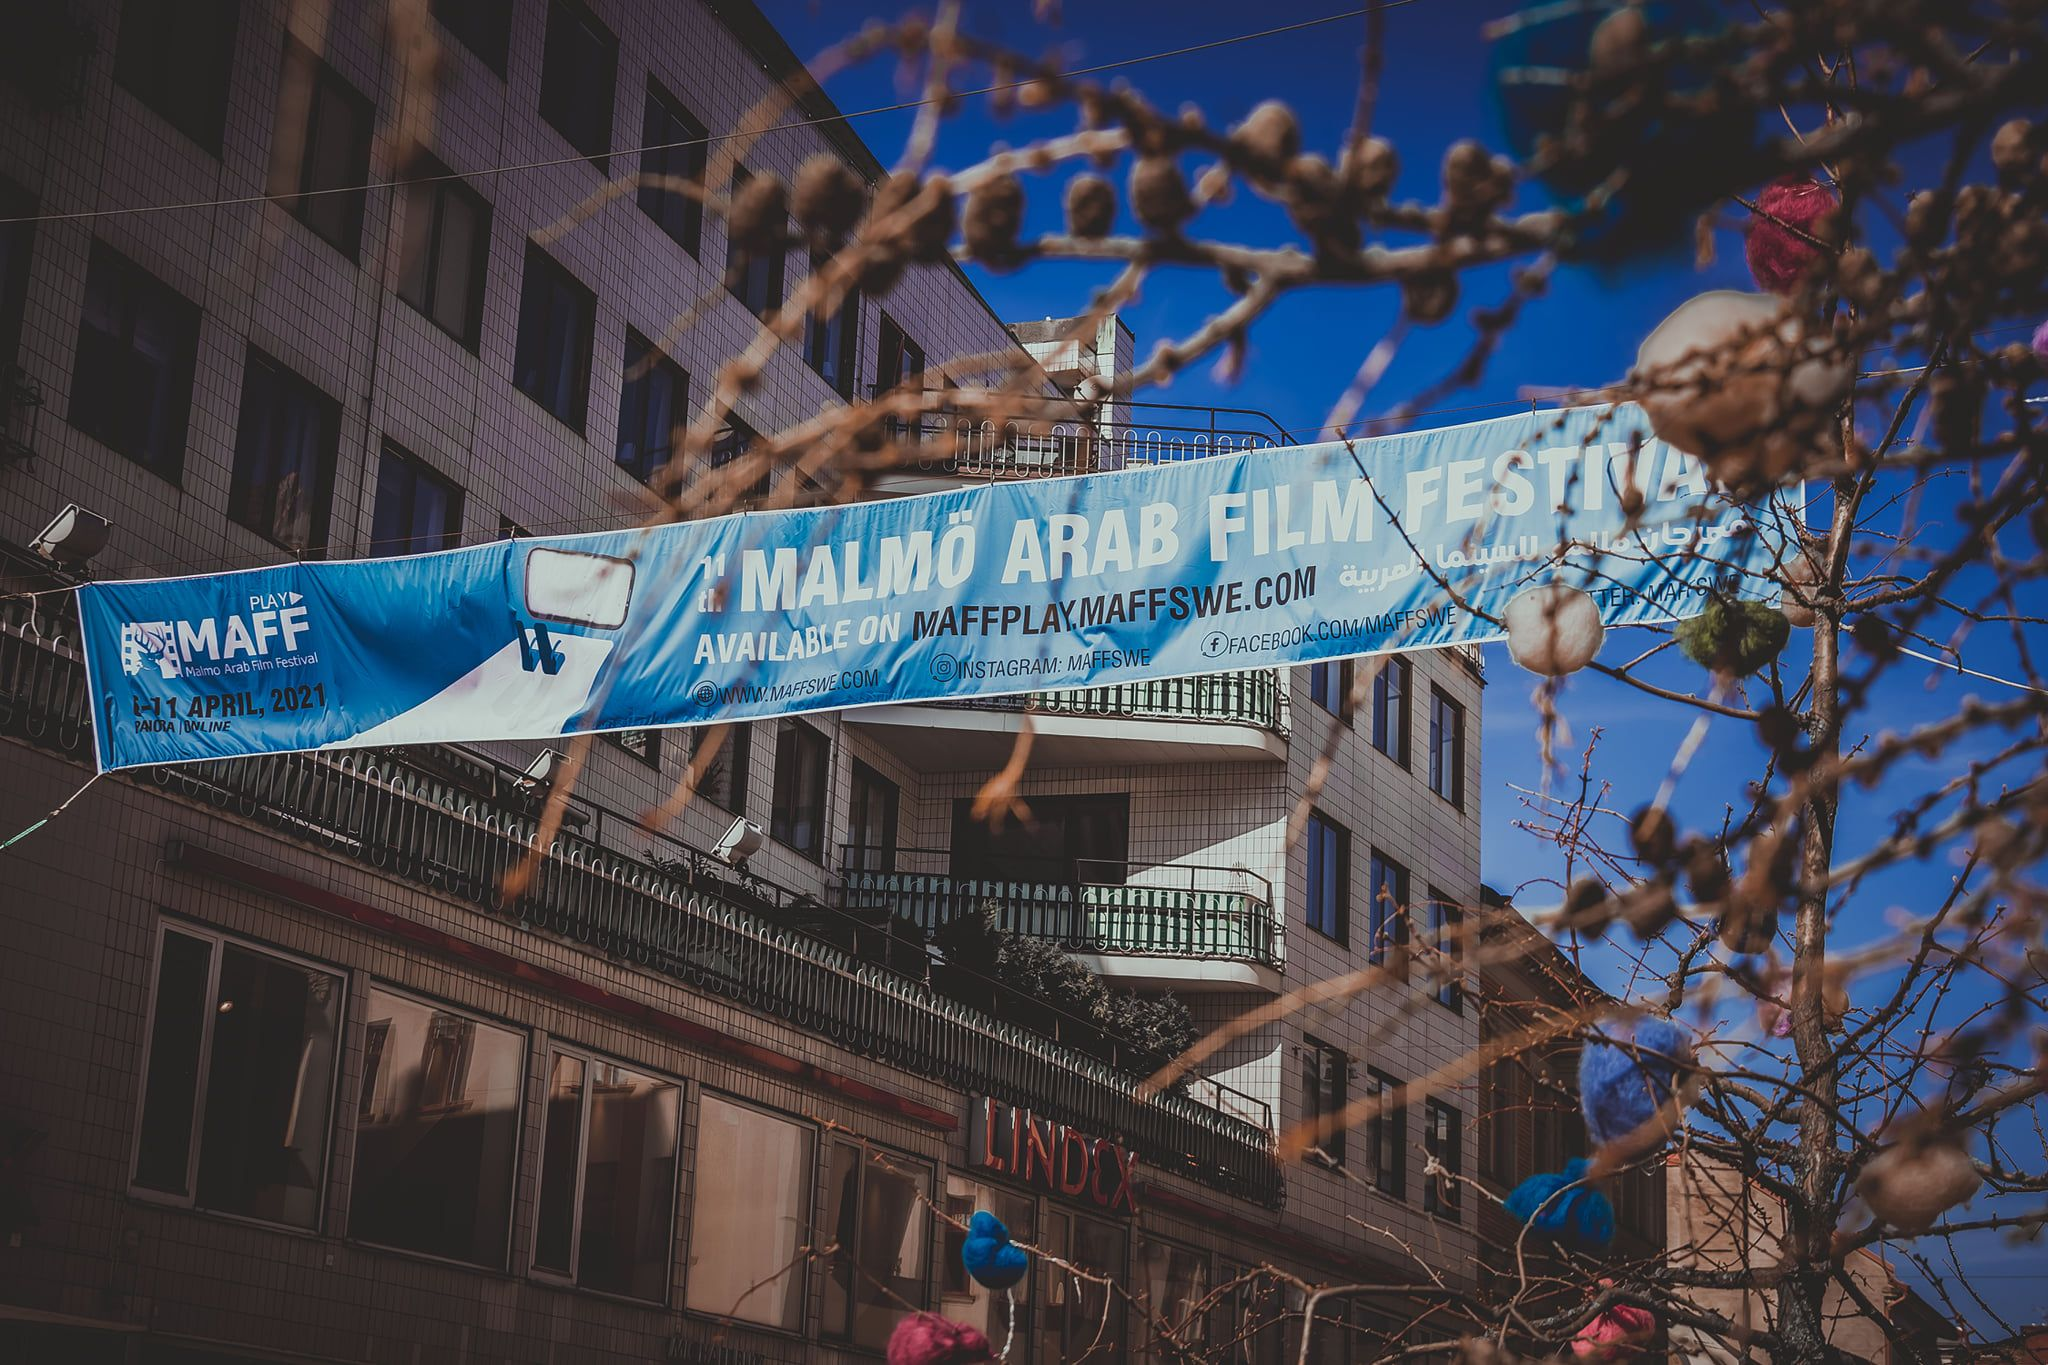 دعاية مهرجان مالمو